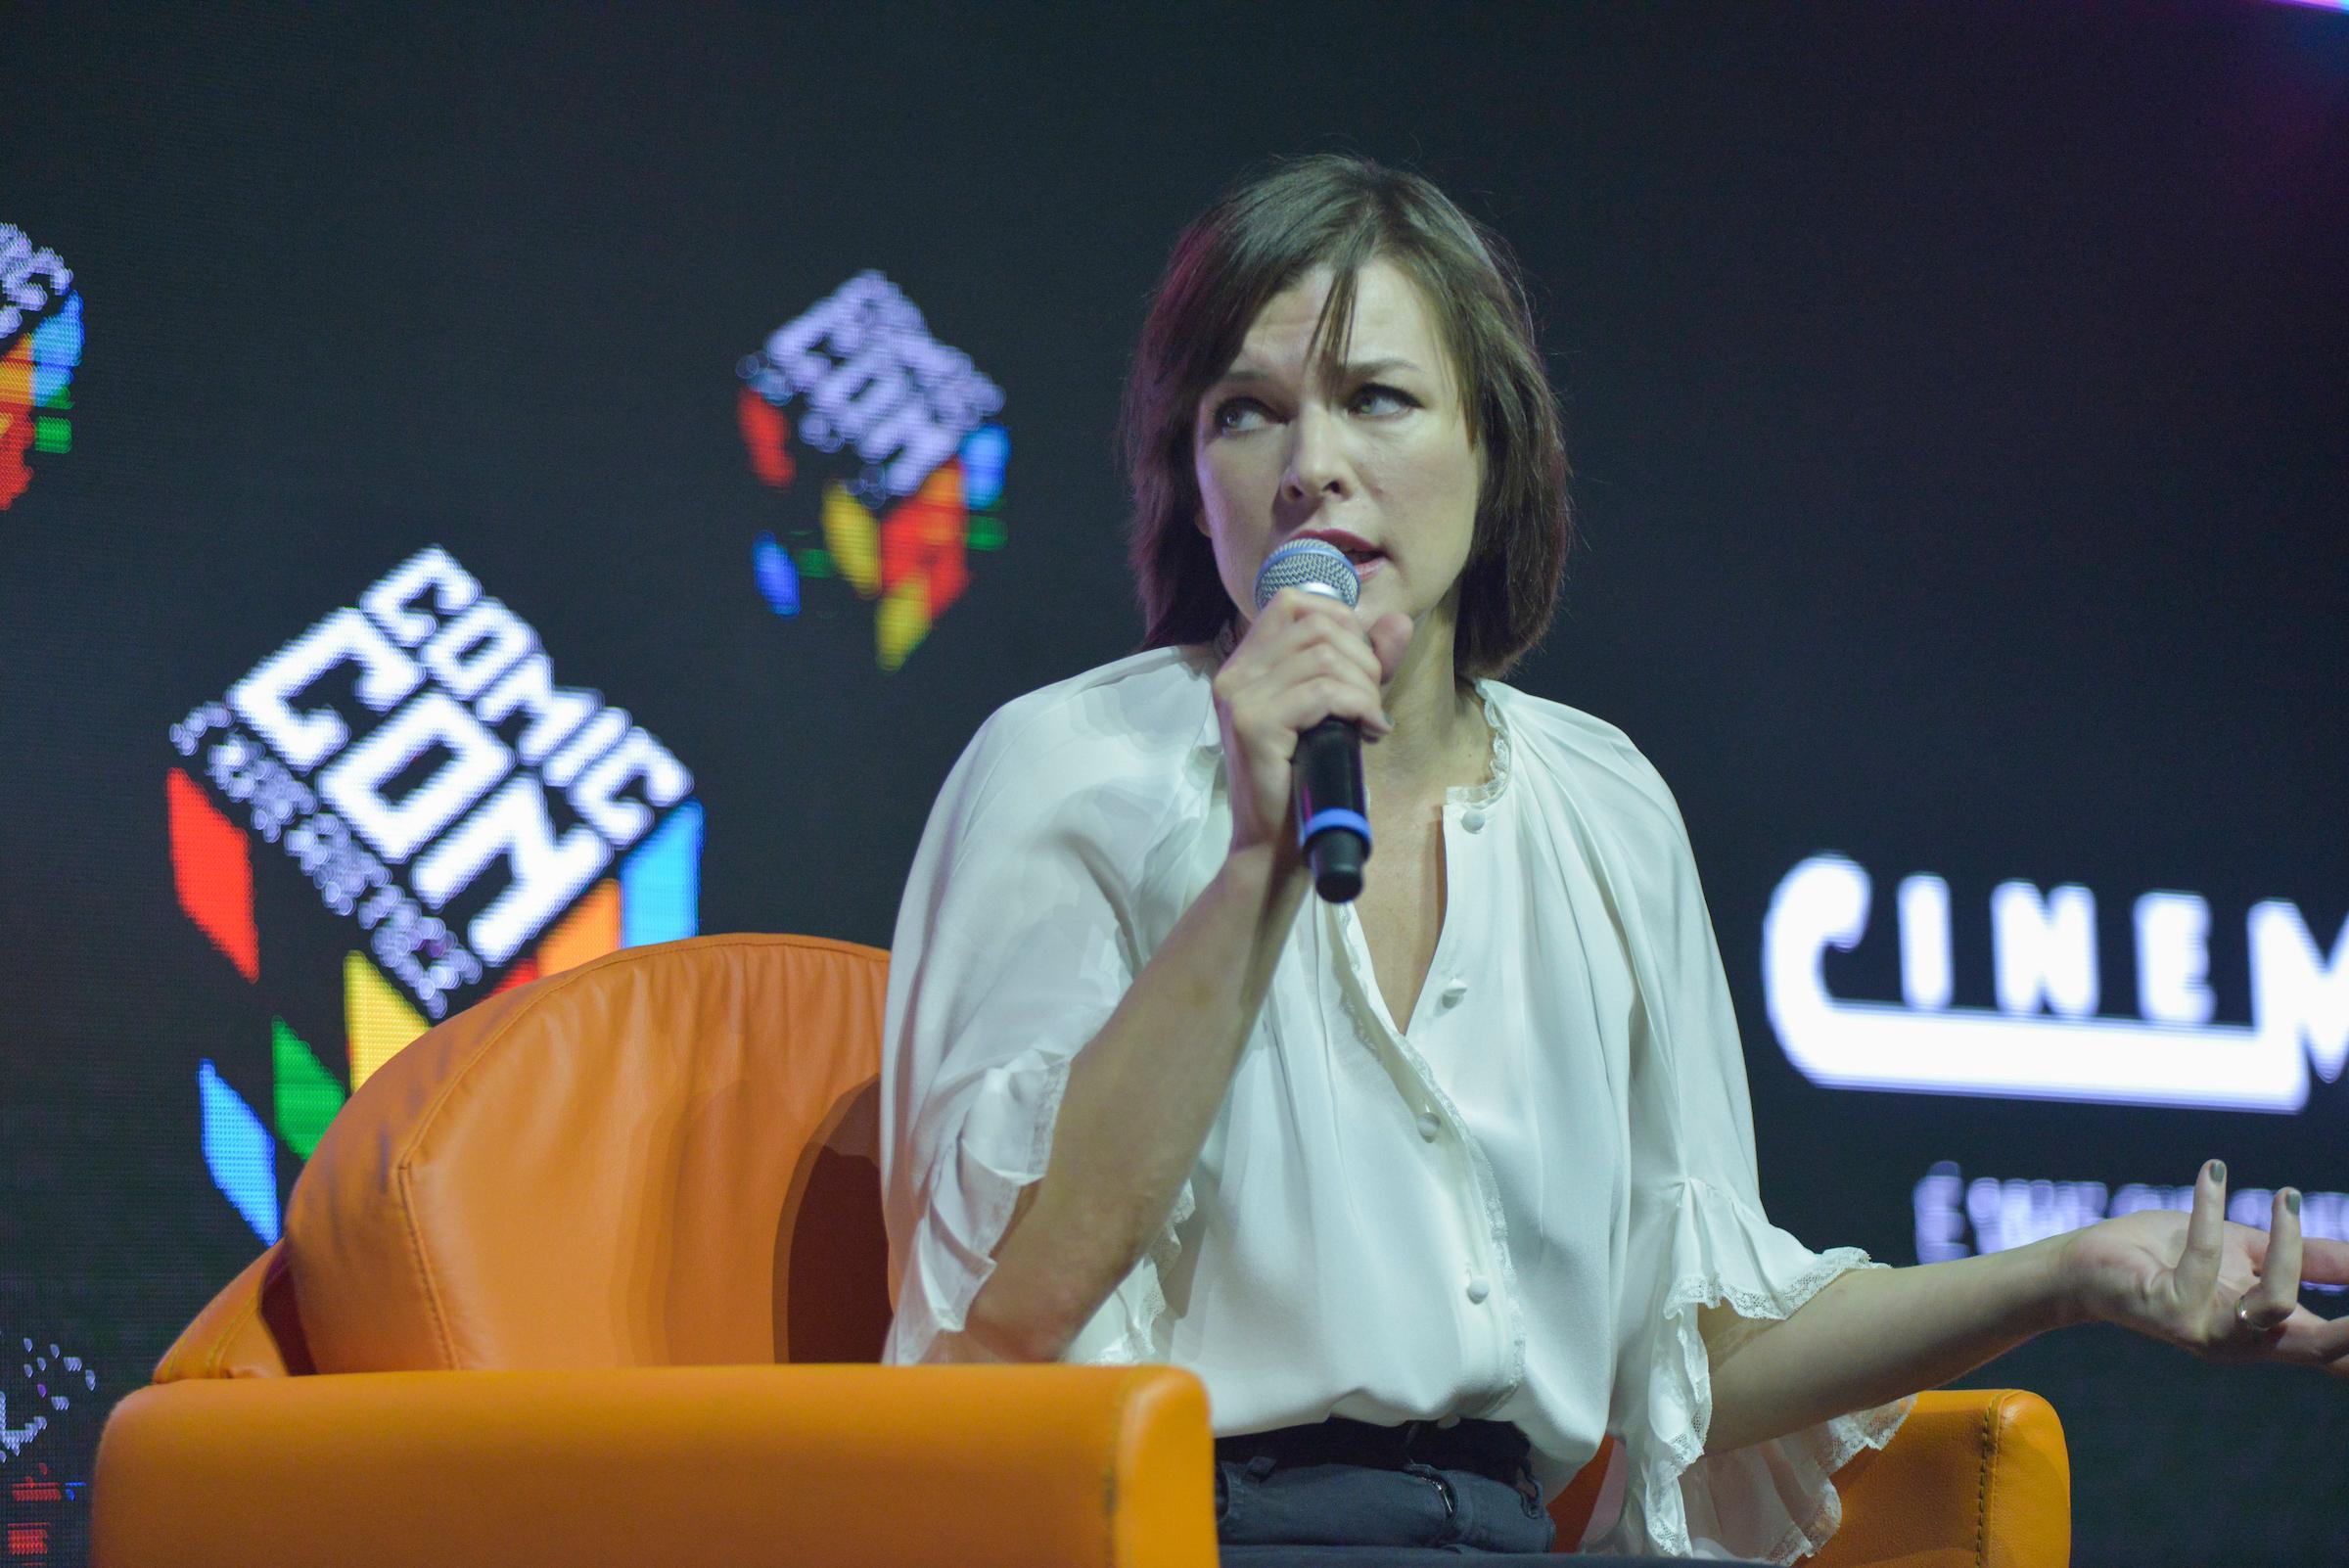 São Paulo, 02 de dezembro de 2016. Cobertura do evento CCXP 2016 no São Paulo EXPO. Sony Pictures com Milla Jojovich.  (FOTOS: Daniel Deaki)